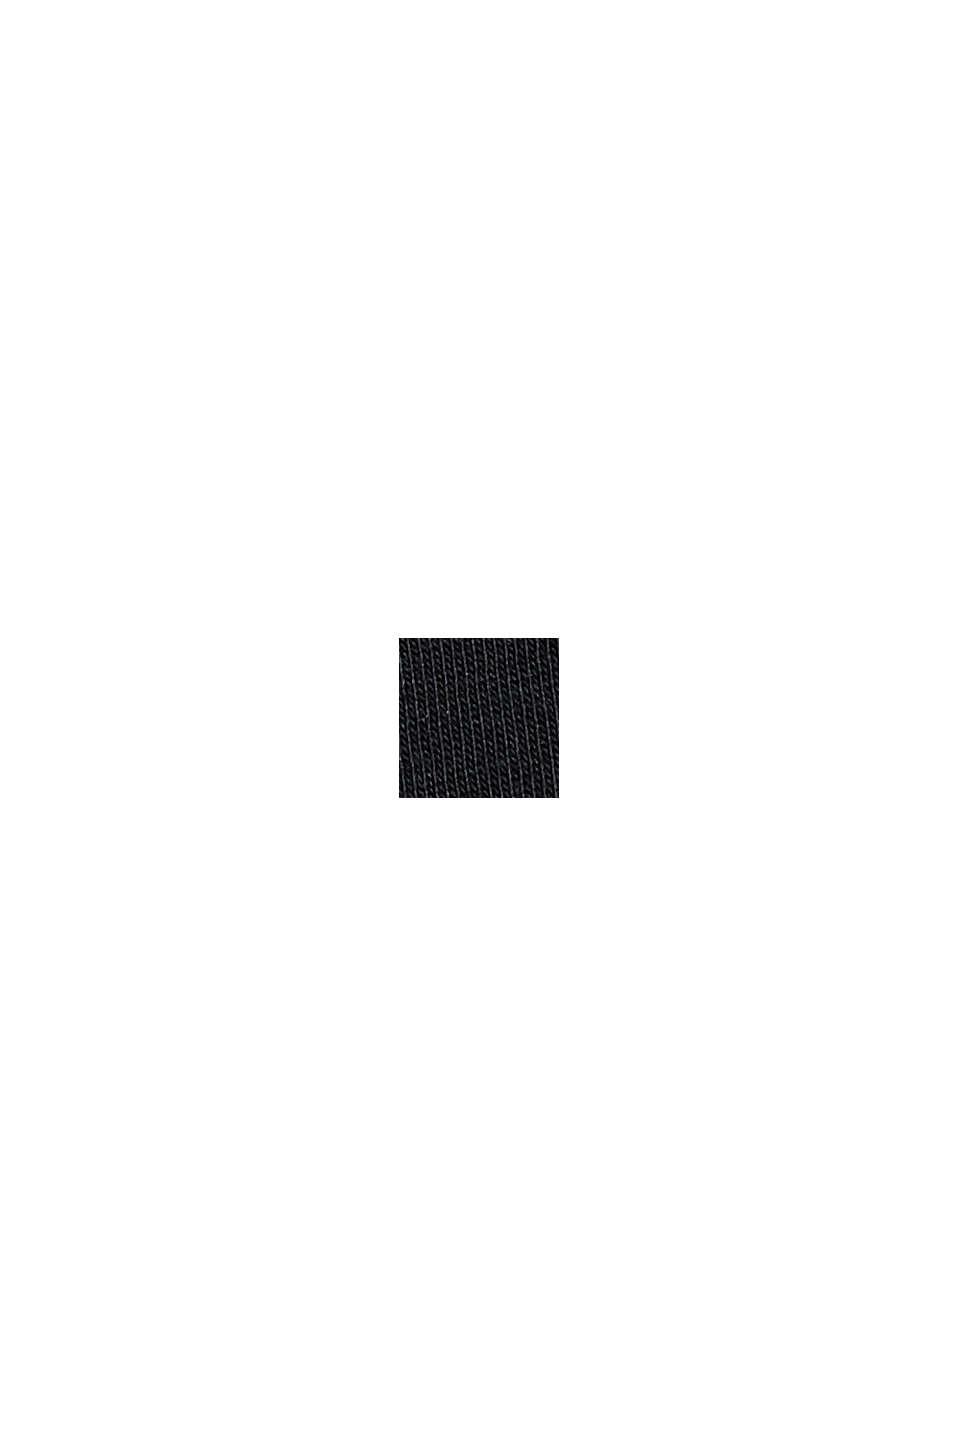 Painettu jersey-T-paita luomupuuvillaa, BLACK, swatch